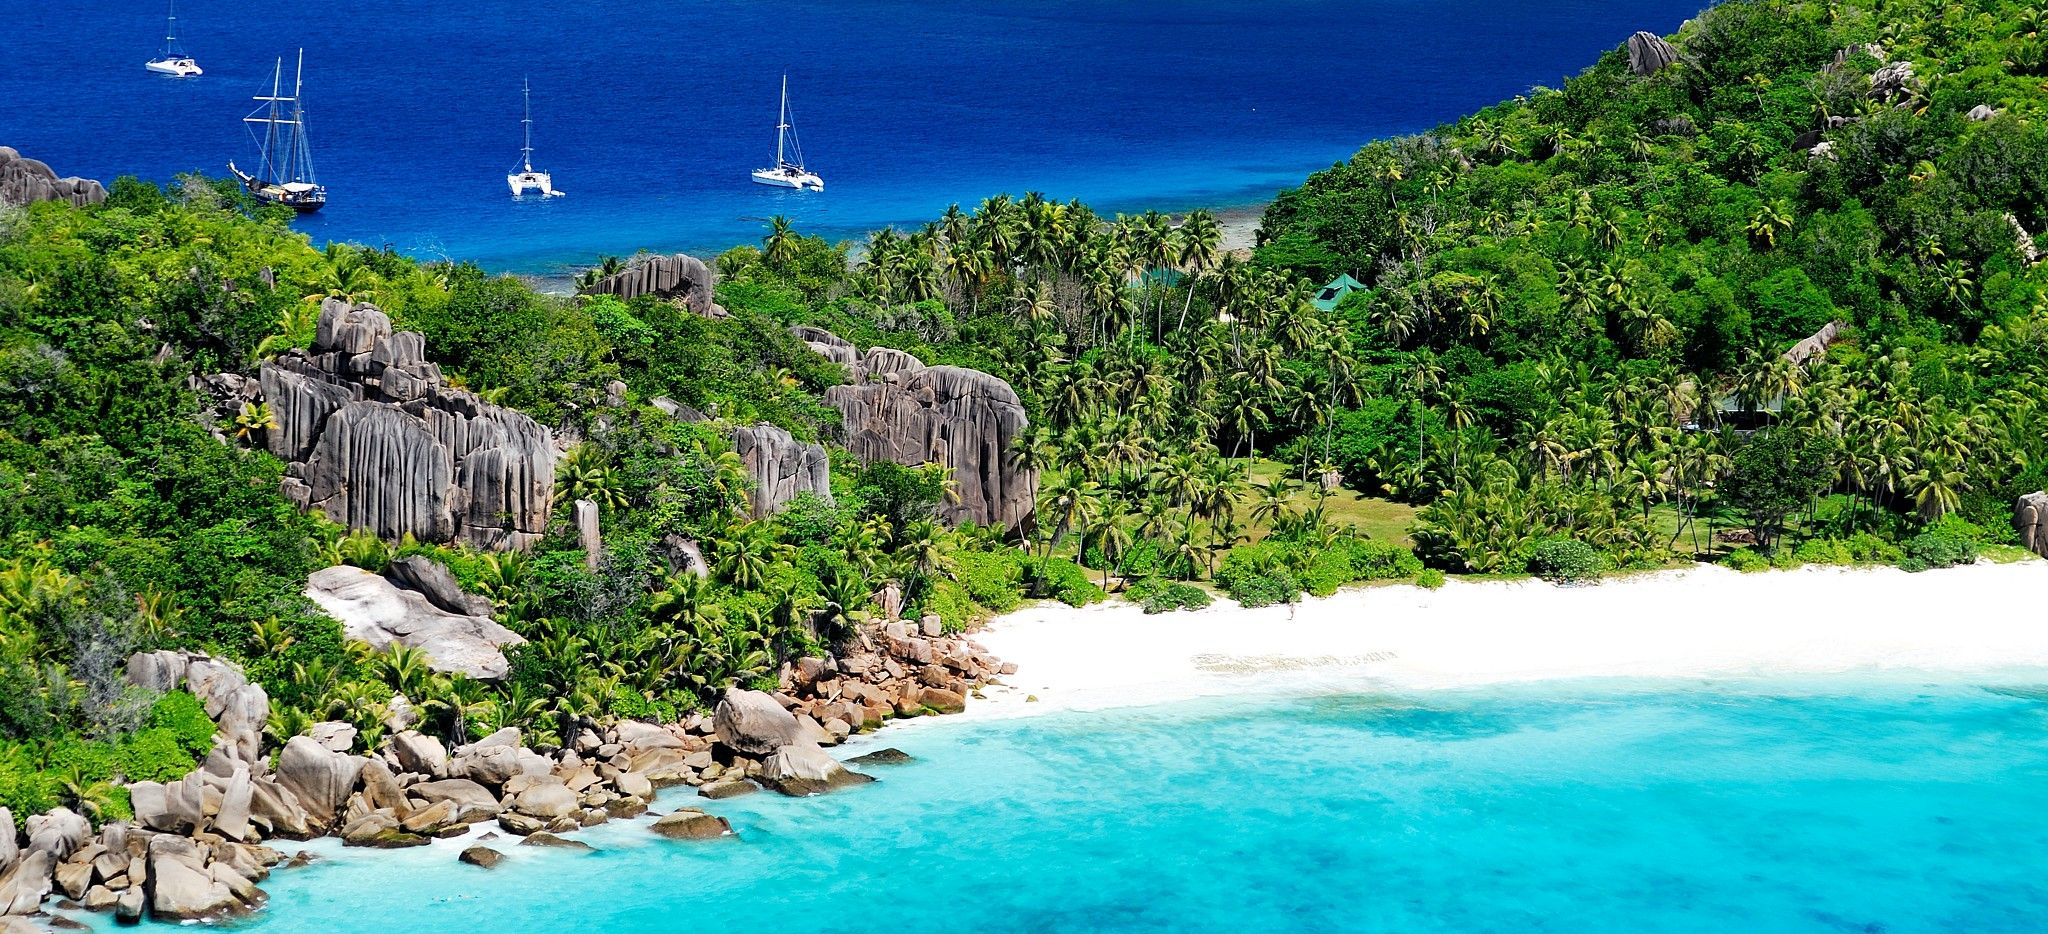 Die Insel Grande Soeur auf den Seychellen, Luftaufnahme